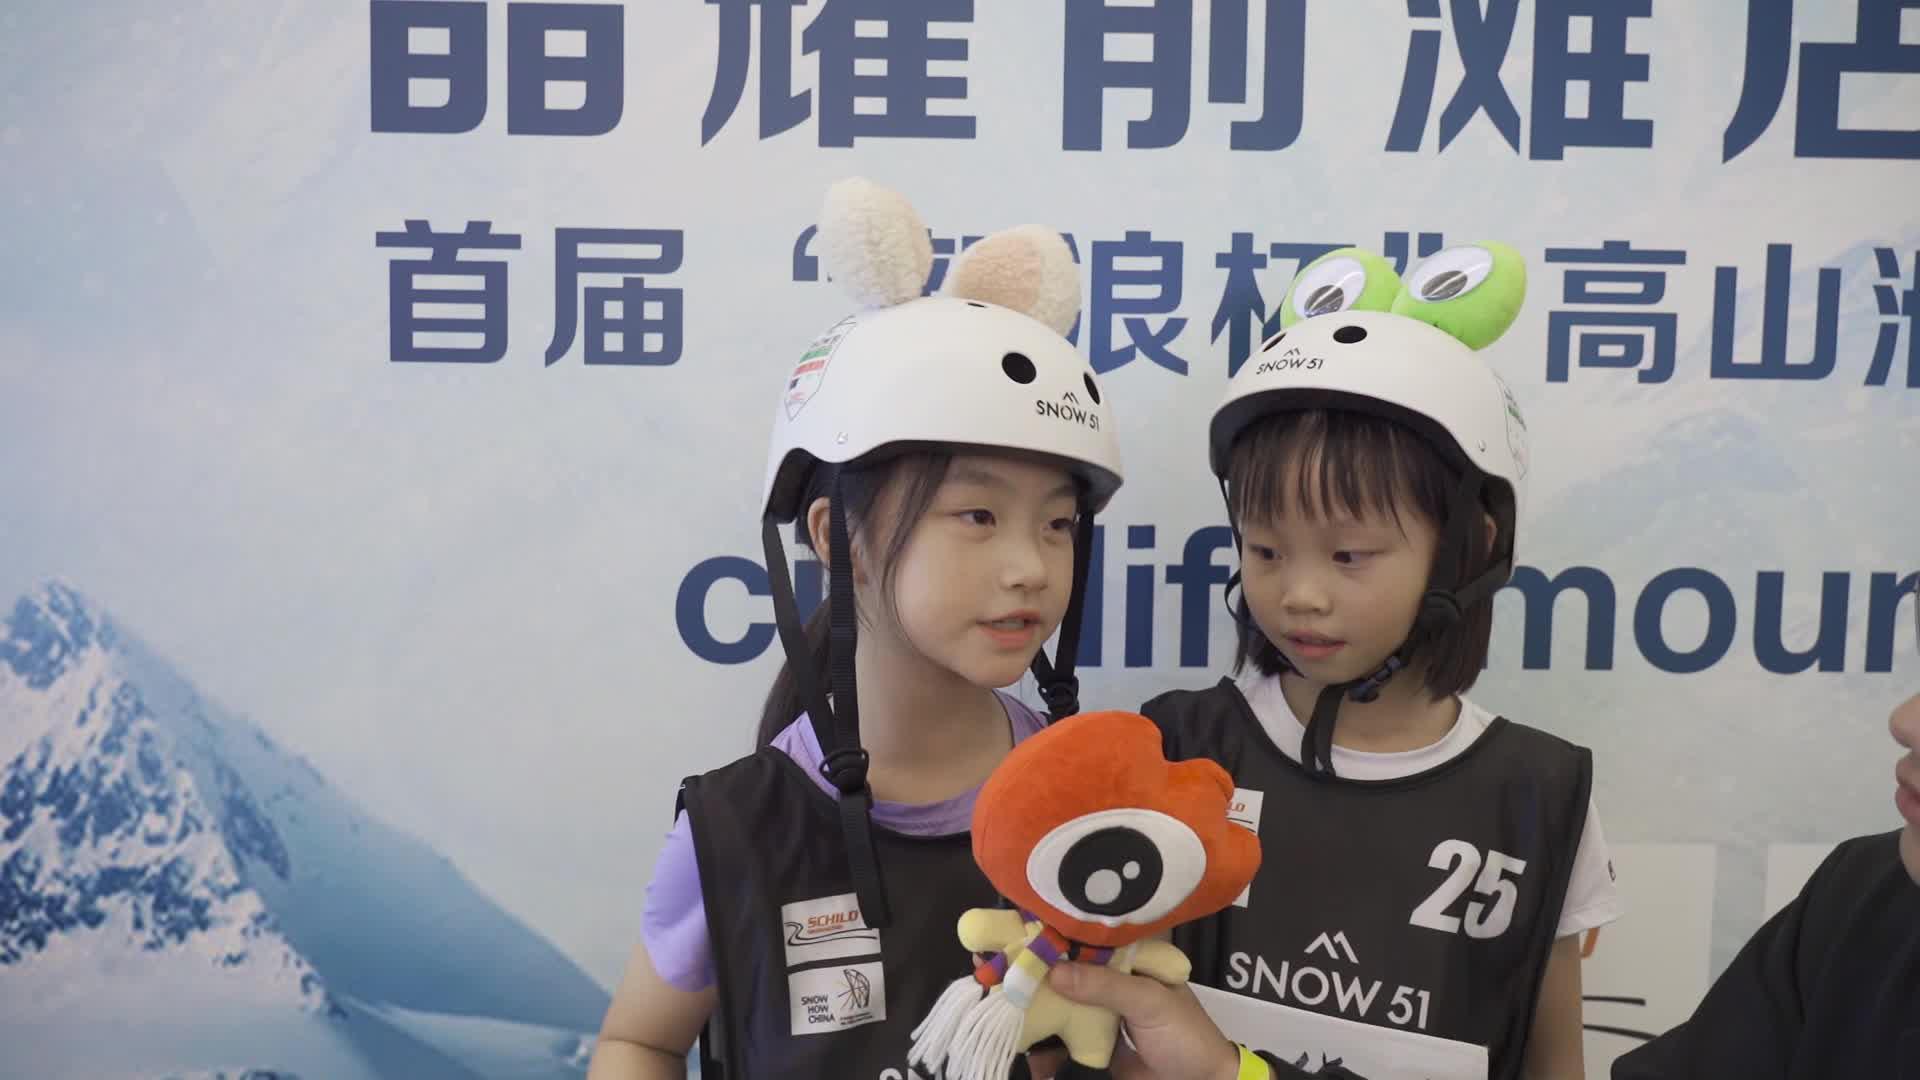 视频-滑雪少年SNOW51创造!